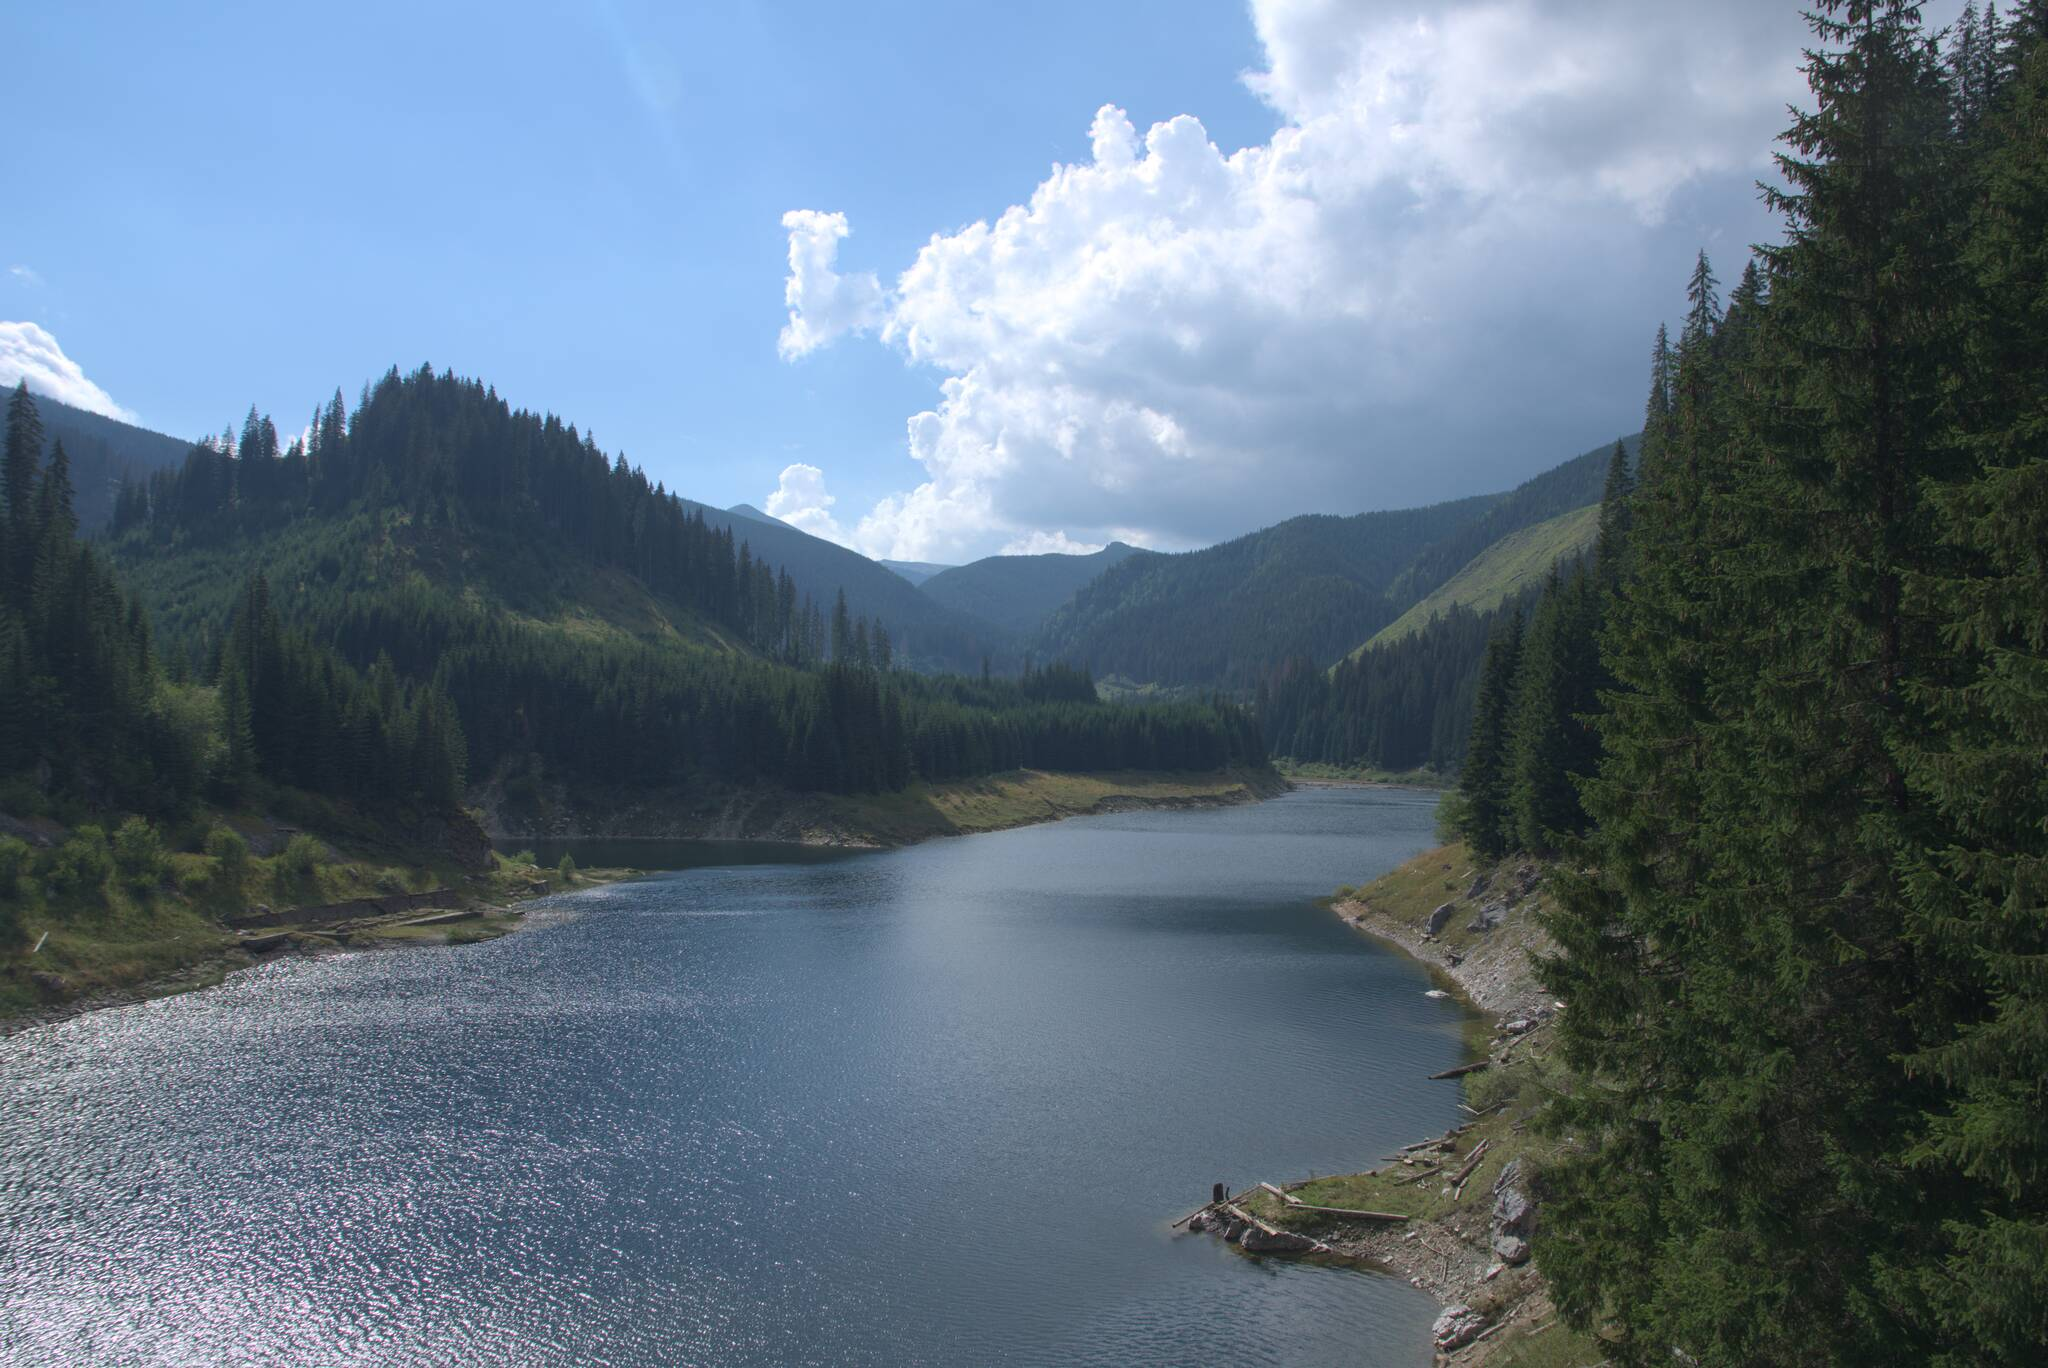 Tafla jeziora Galbenu